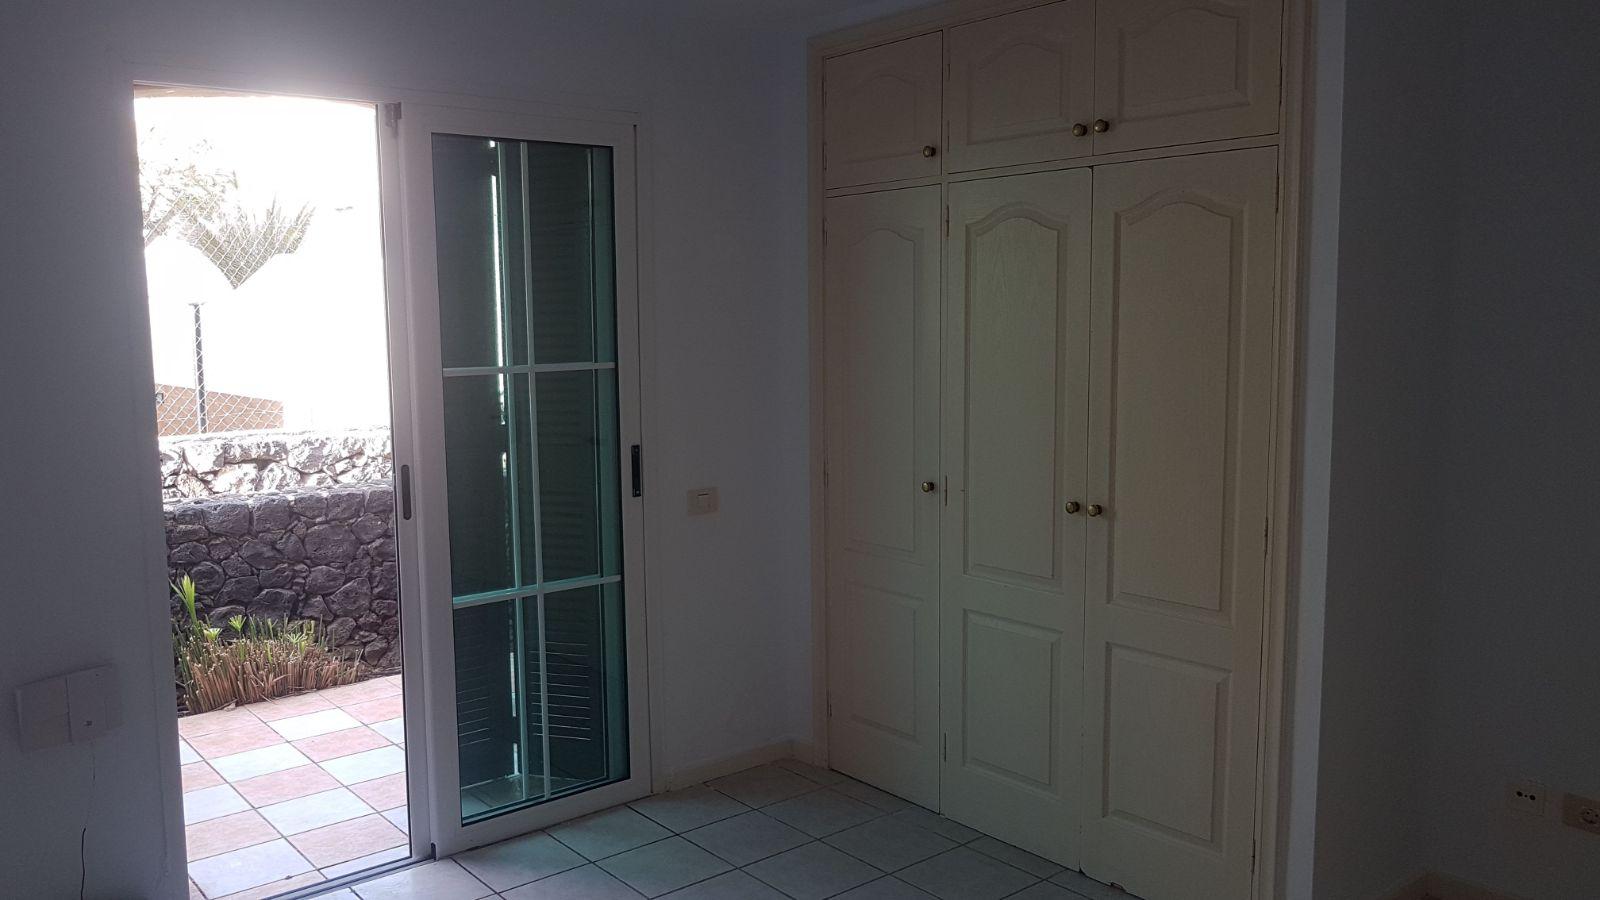 Piso en venta en Arona, Santa Cruz de Tenerife, Calle Zeus, 85.000 €, 1 habitación, 1 baño, 53 m2